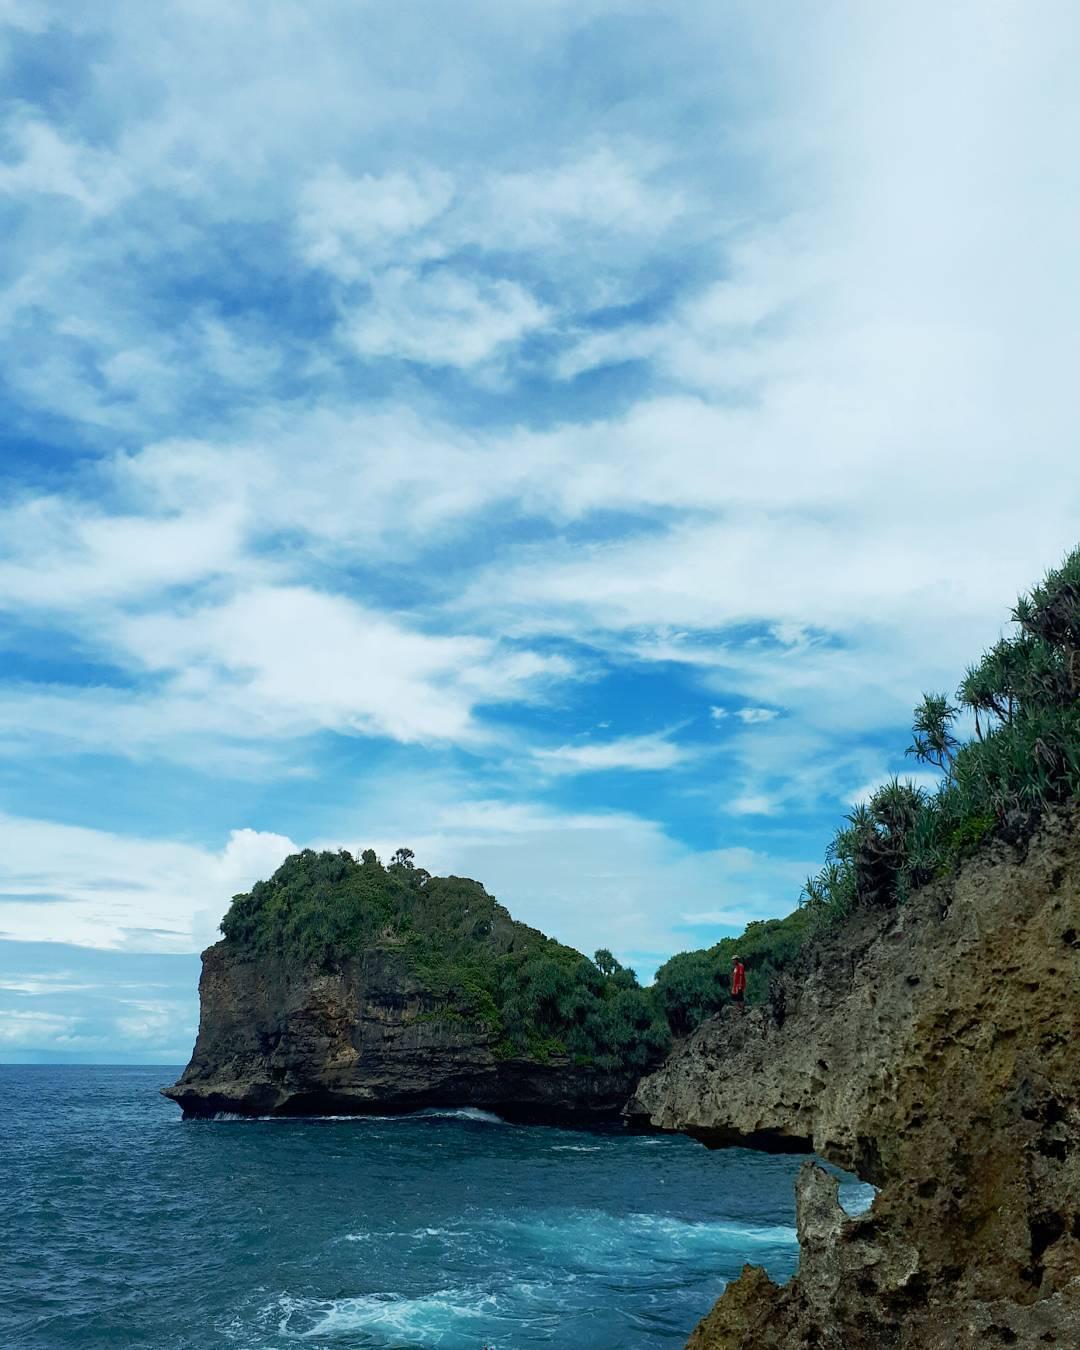 Surga yang Tenang di Watu Lepek, Malang, Kabupaten Malang, Dolan Dolen, Dolaners Surga yang Tenang di Watu Lepek via happyswandika - Dolan Dolen